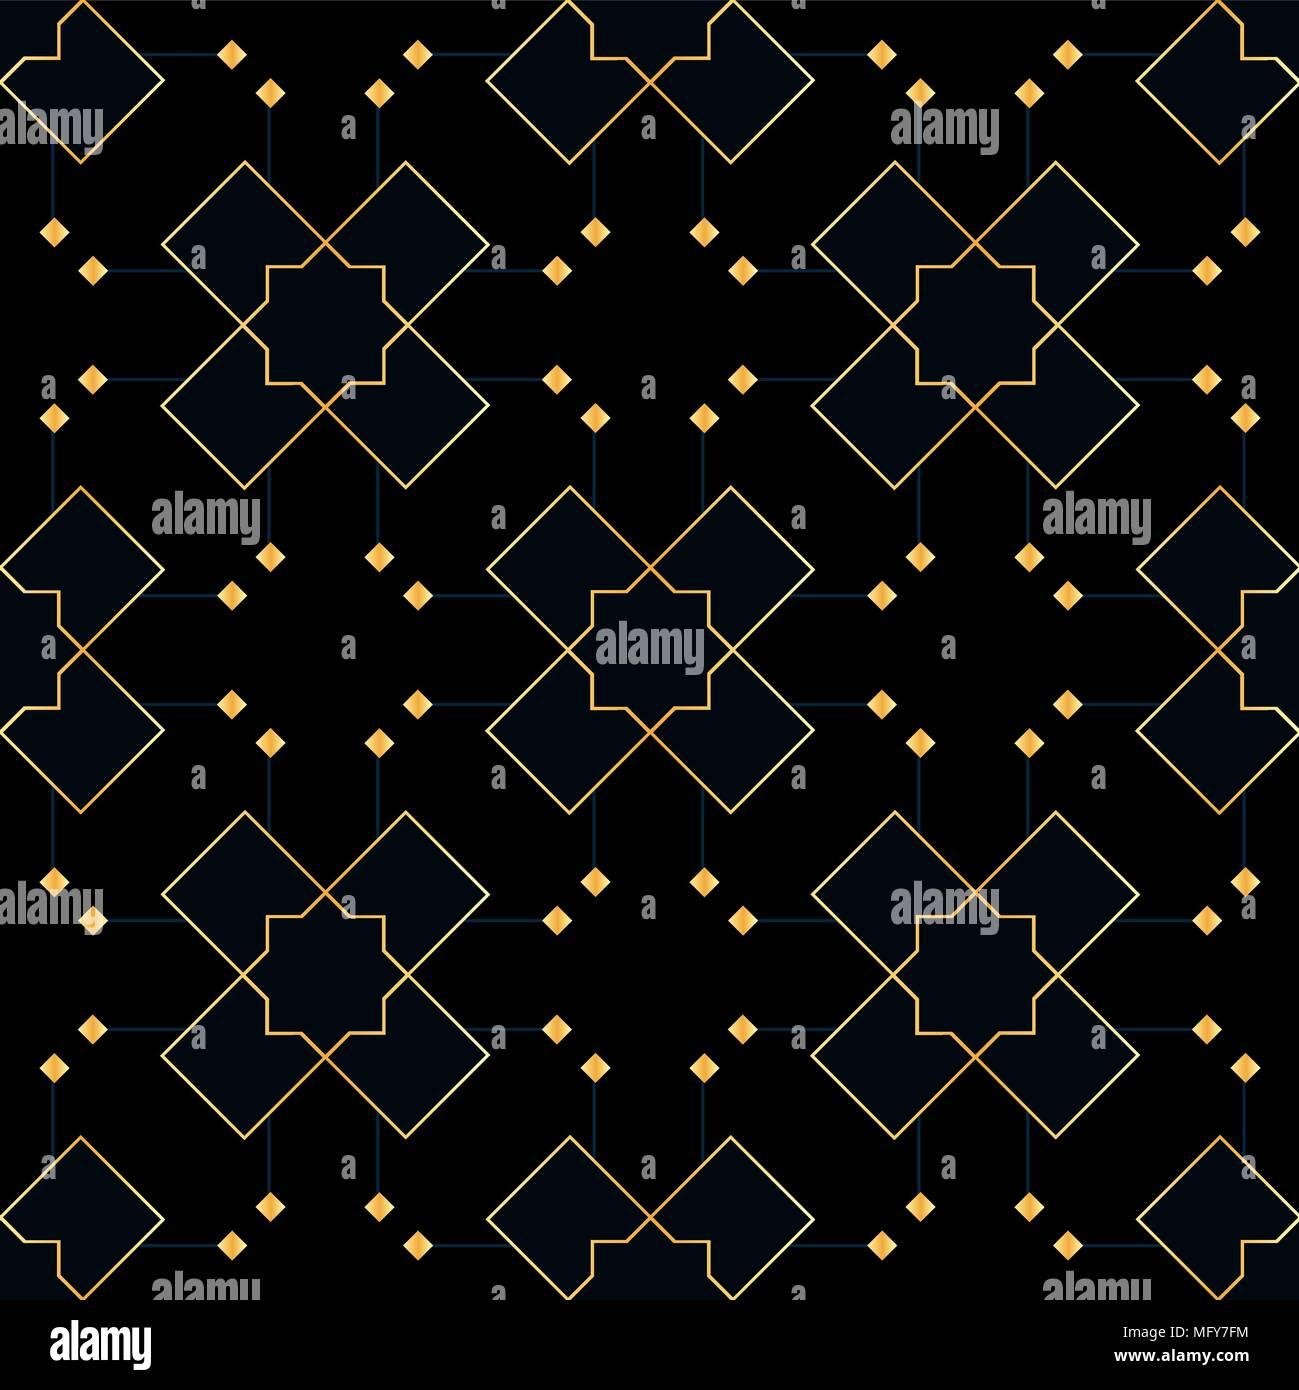 ornement vectoriel continu en style arabe mod le pour papiers peints et fonds motif noir et. Black Bedroom Furniture Sets. Home Design Ideas